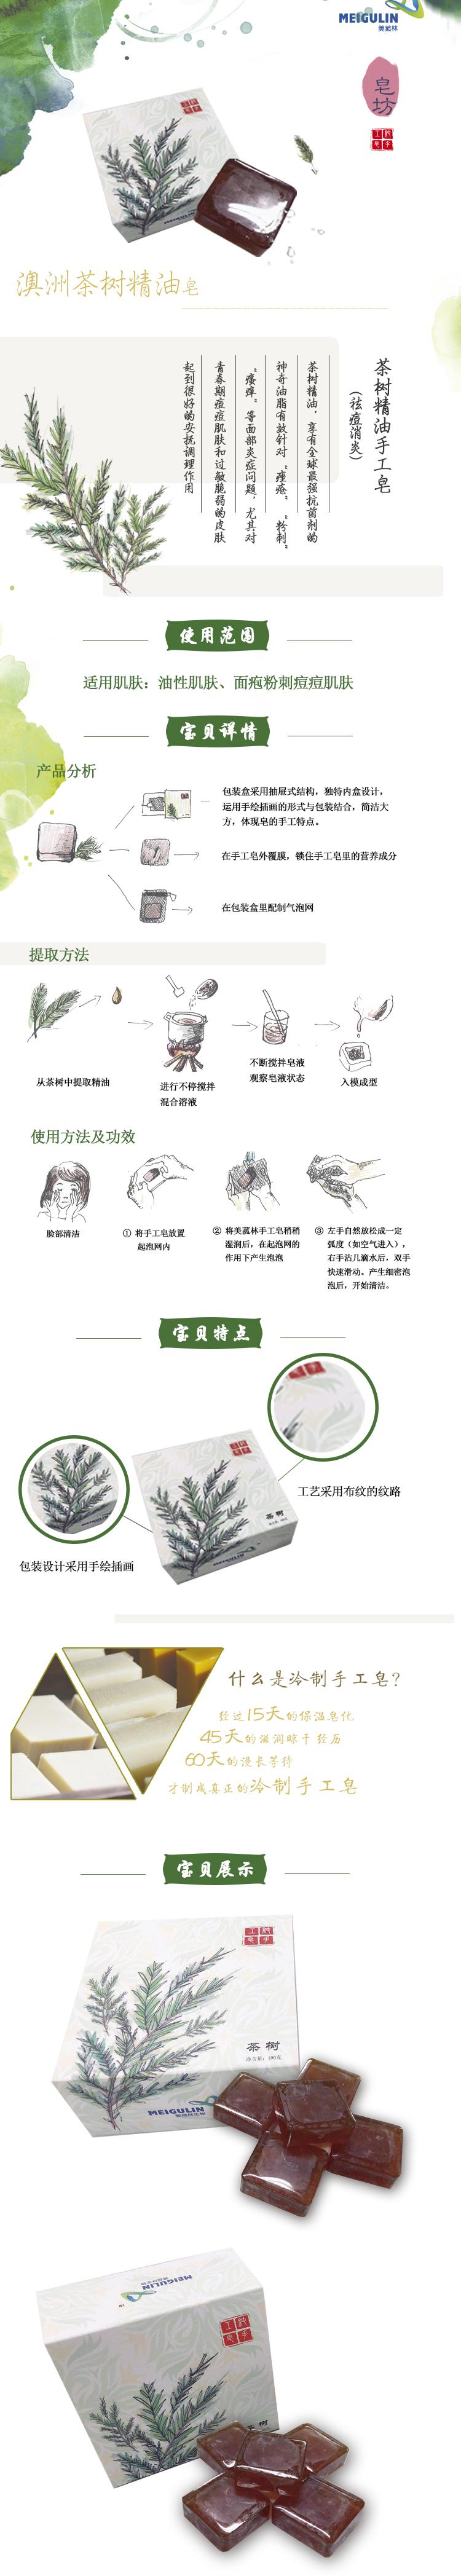 手工茶树精油皂详情页